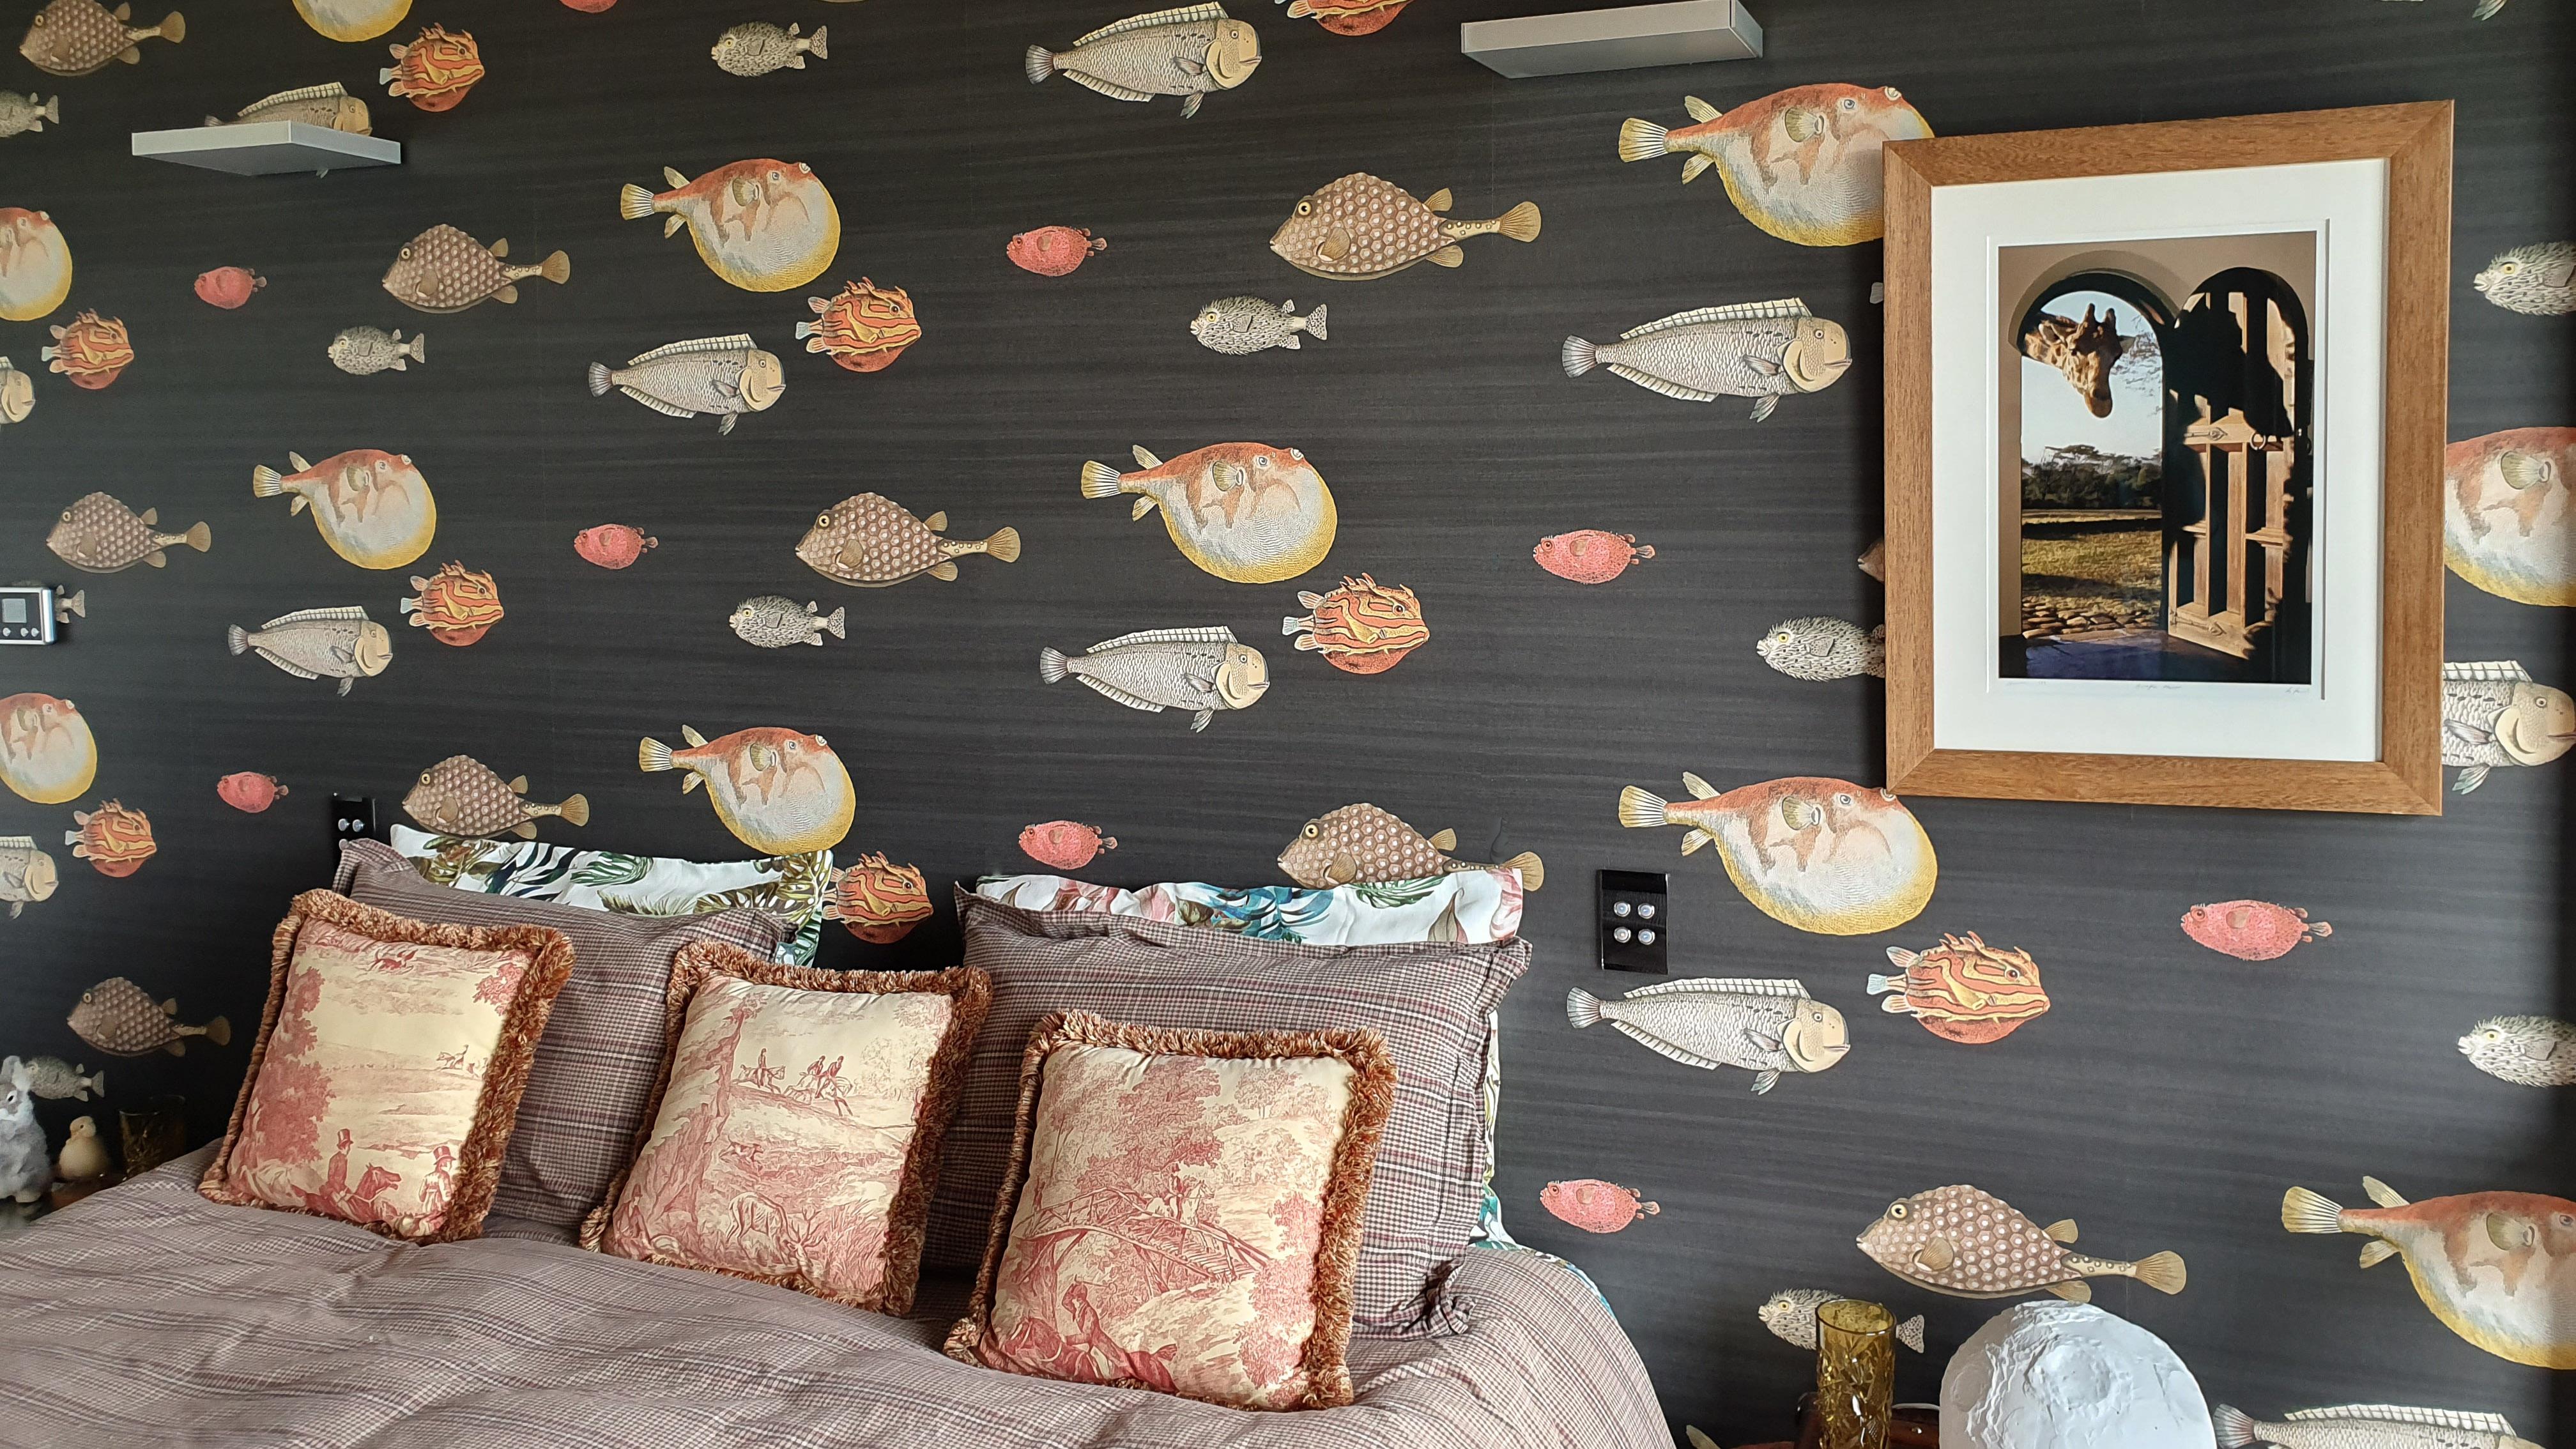 Wallpaper hanging - Cole & Son - Fornasetti Senza Tempo Acquario